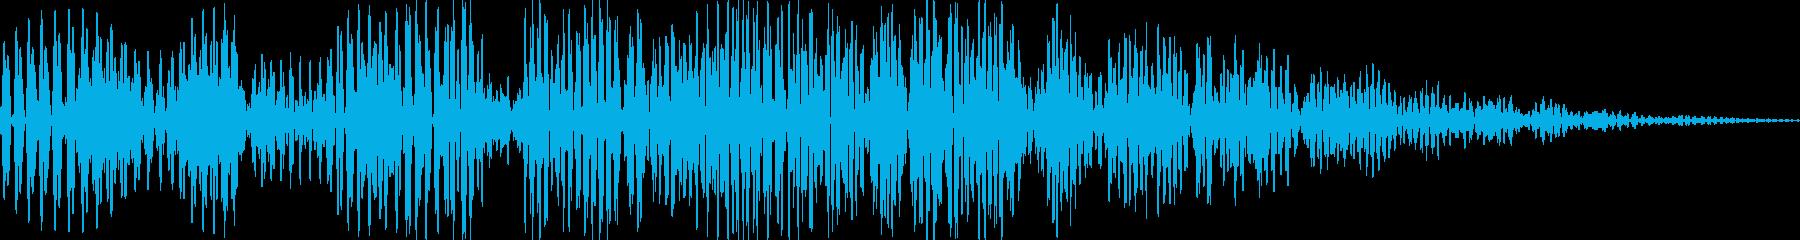 ボワボワ(ツボから魔人 煙 変身)の再生済みの波形